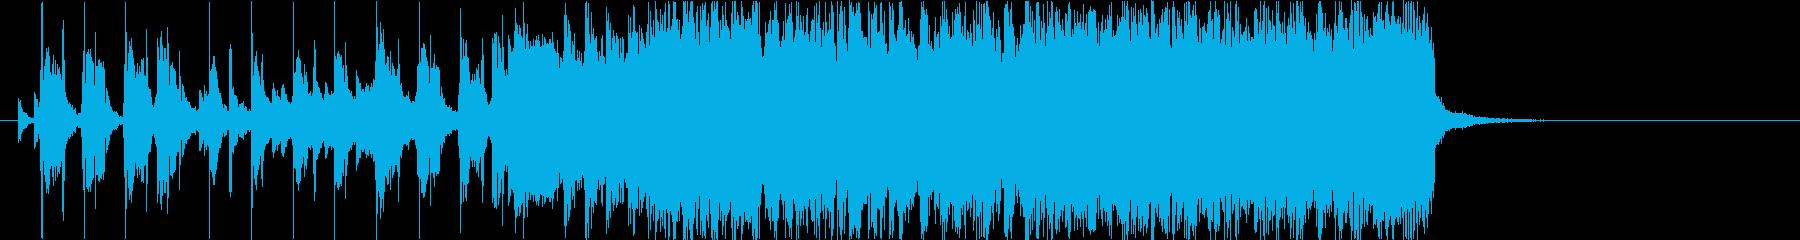 勢いのあるギターロック20秒の再生済みの波形